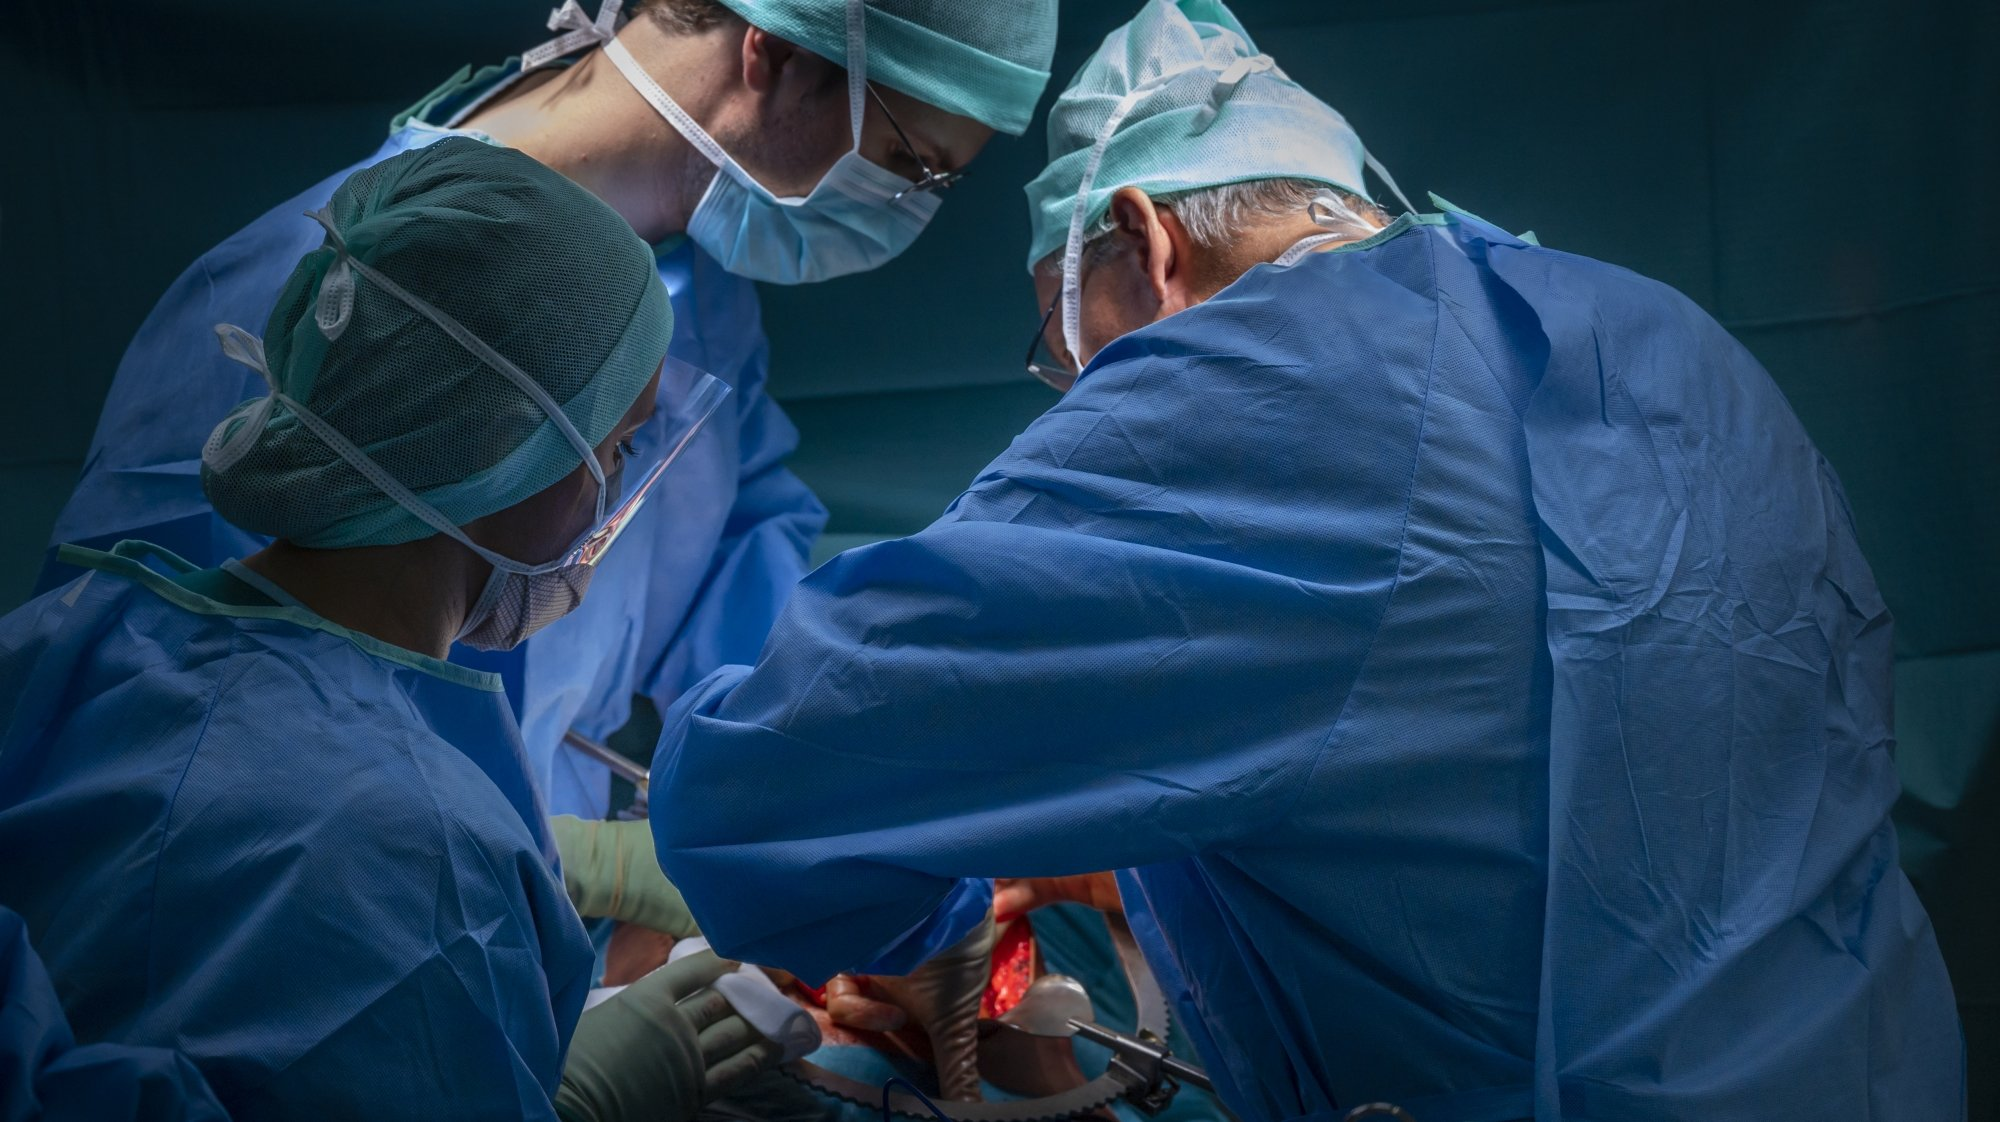 Consentement présumé pour le don d'organes avalisé: «C'est une très bonne nouvelle»